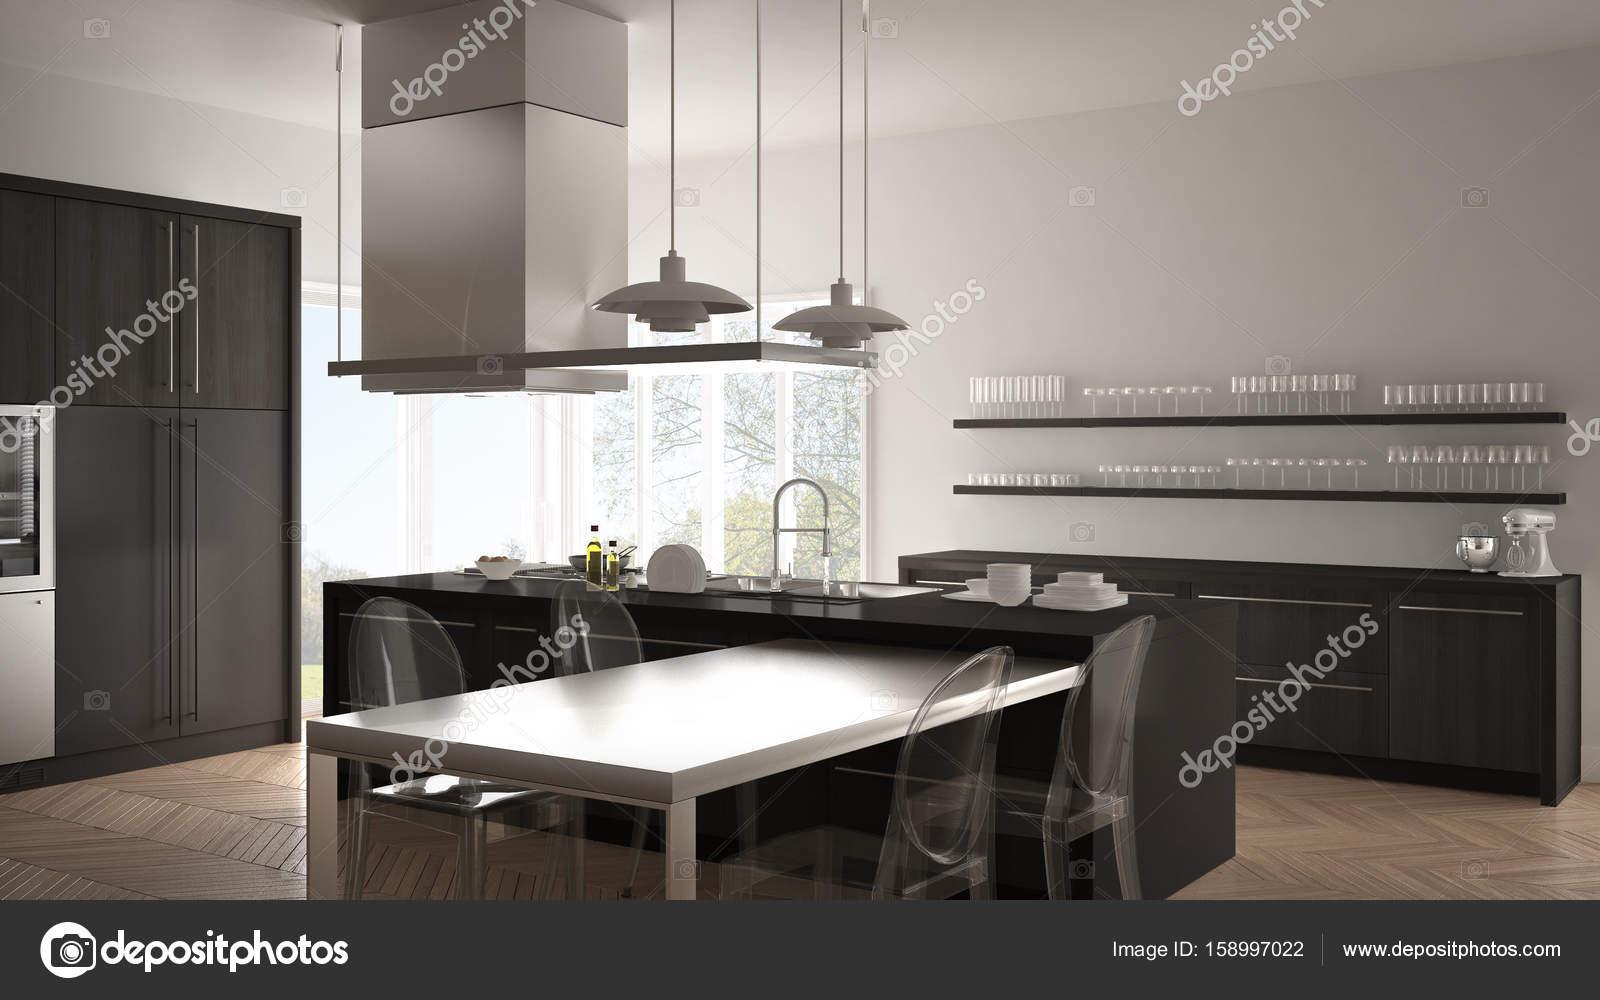 Cocina moderna minimalista con mesa, sillas y suelo de ...